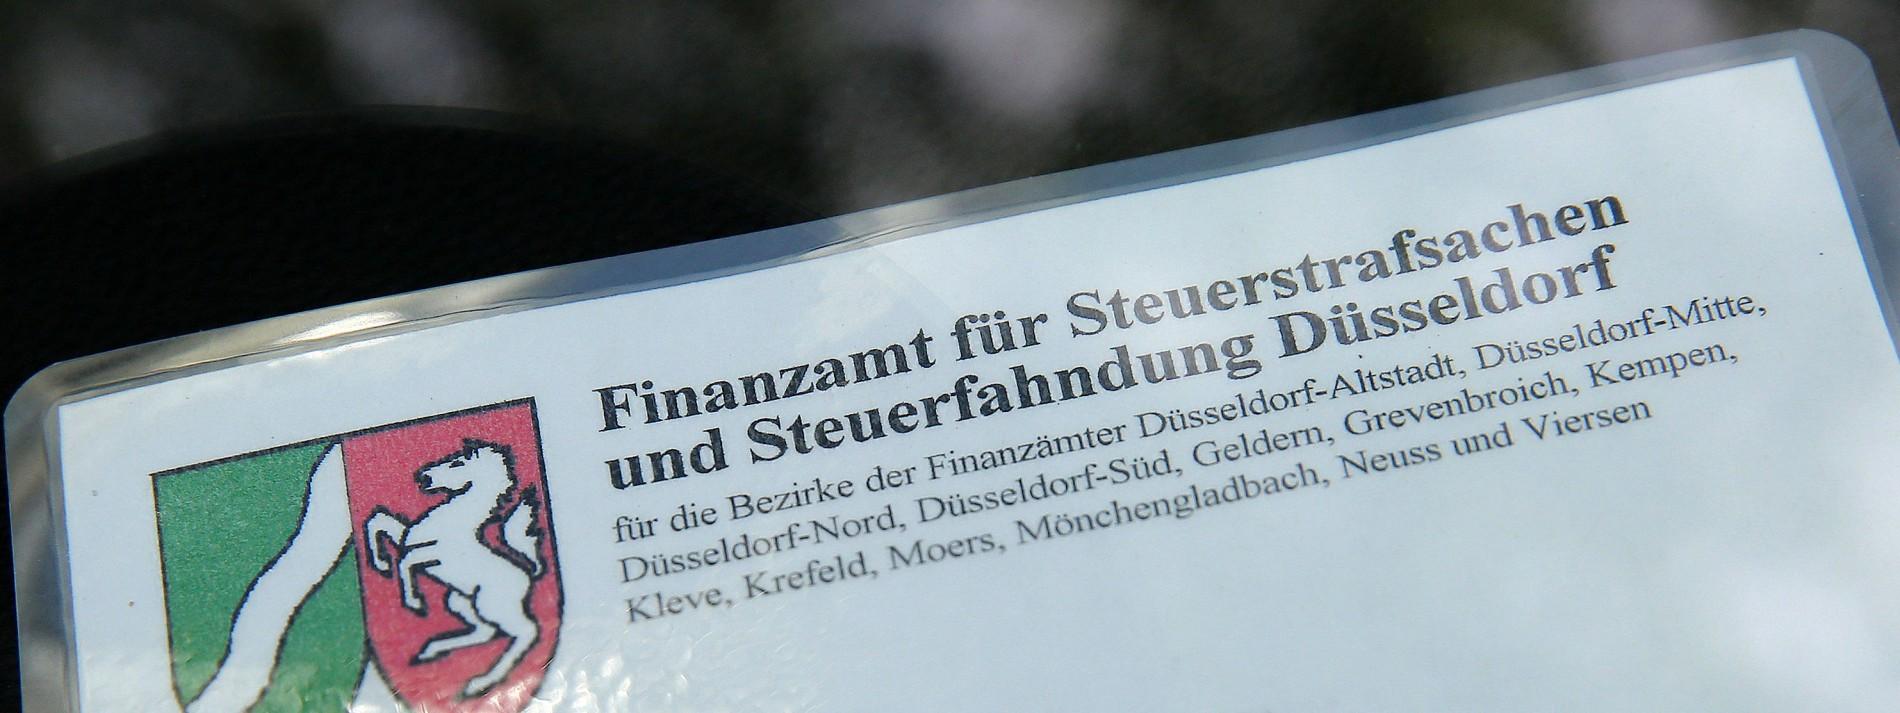 Der Fiskus hat erst 1,1 Milliarden Euro zurückgeholt